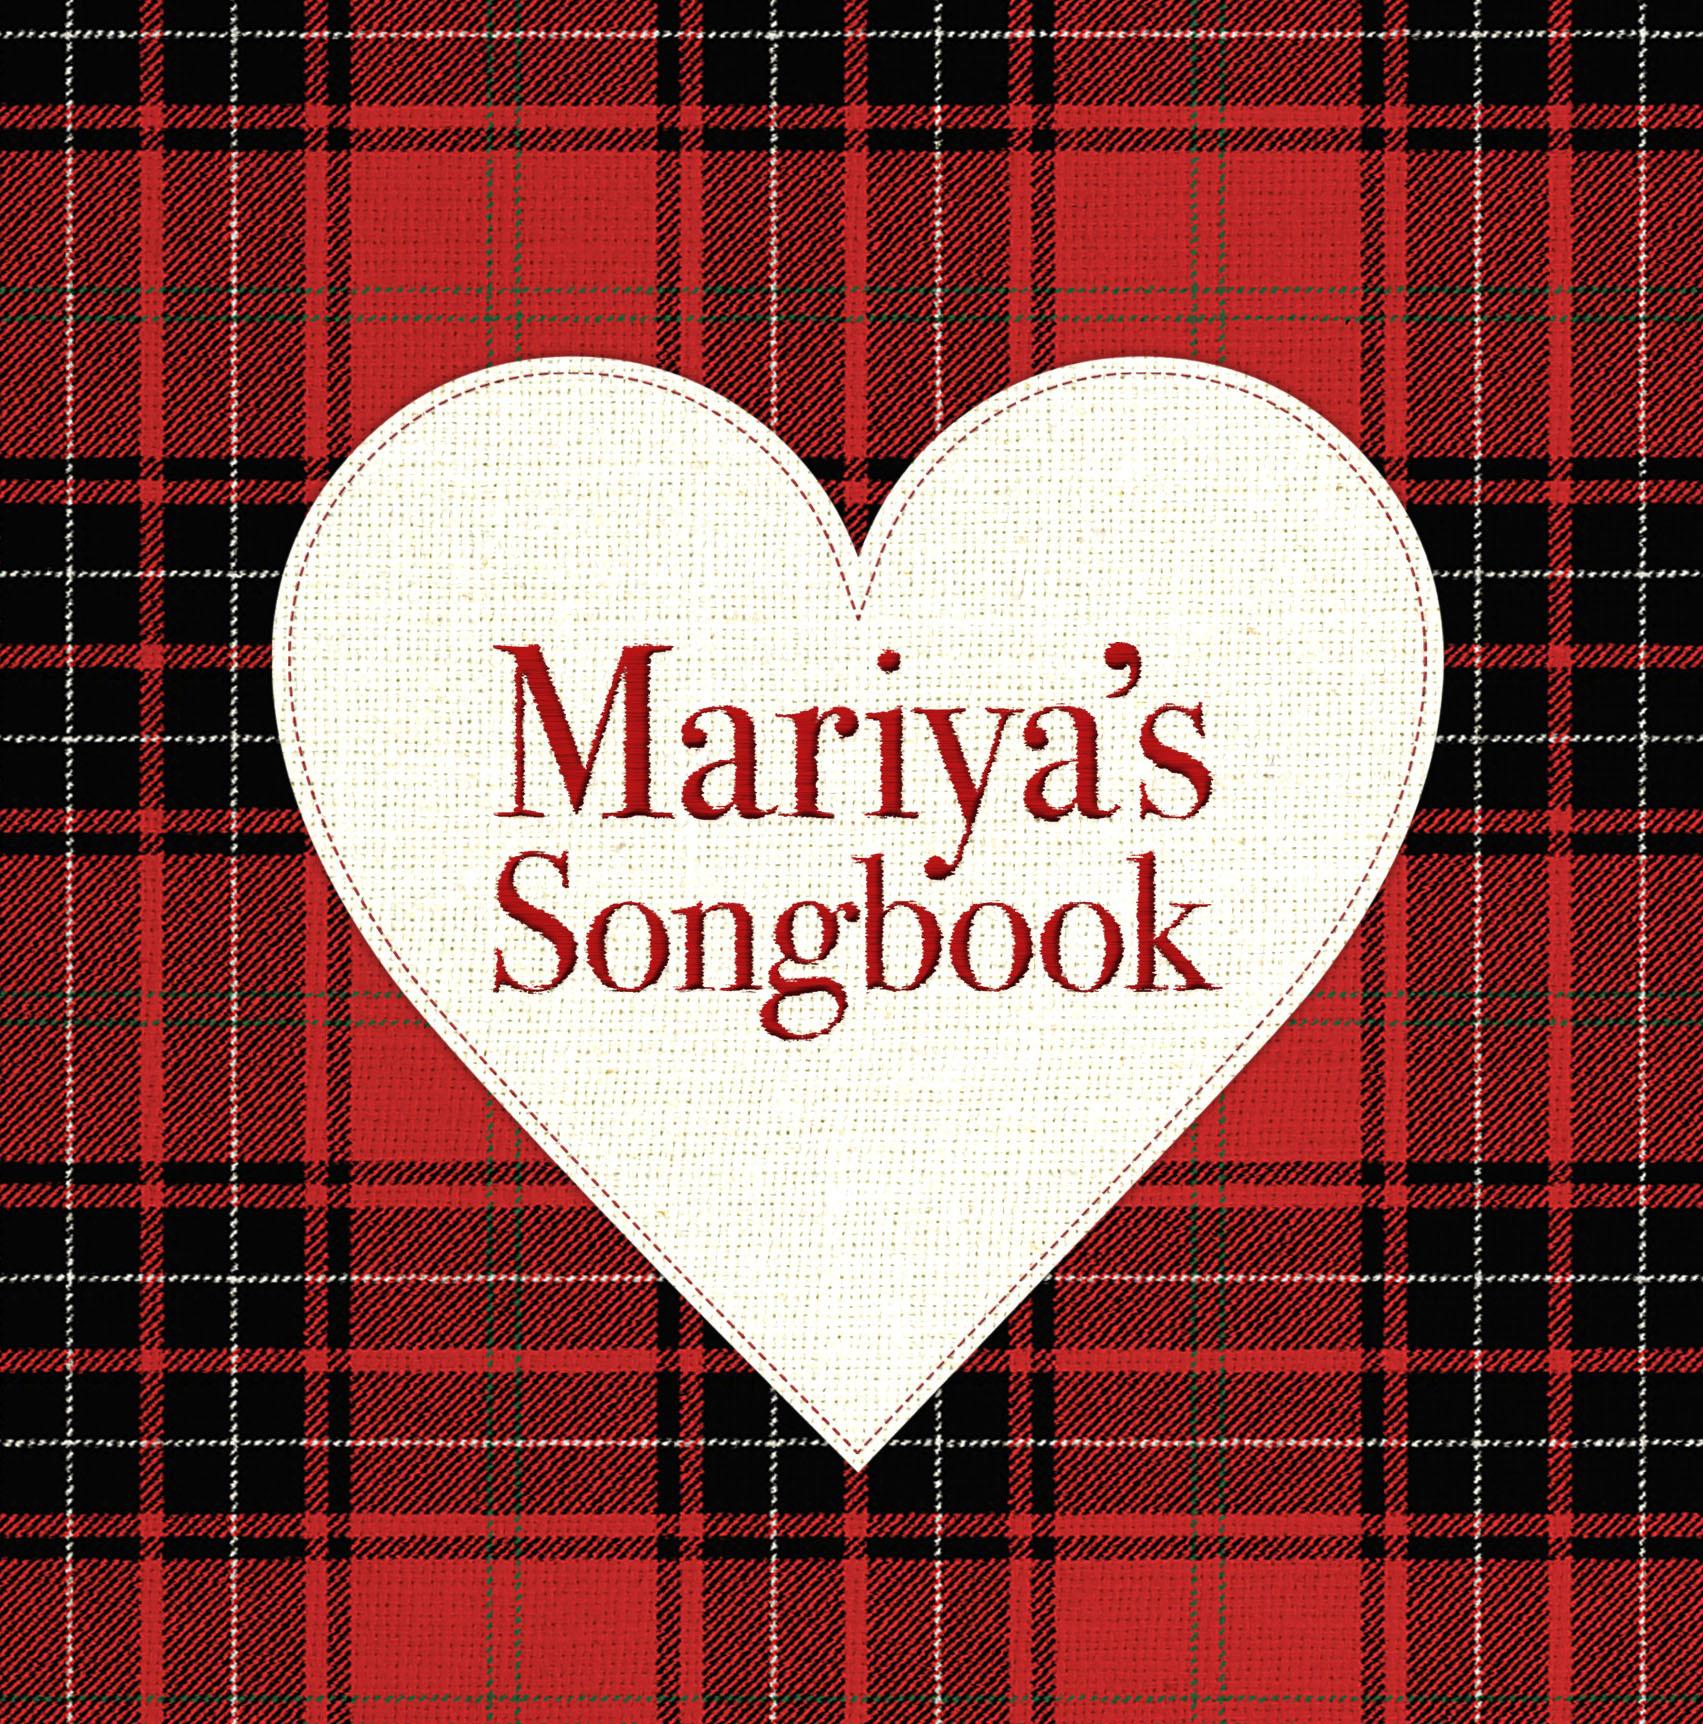 アルバム『Mariya's Songbook』